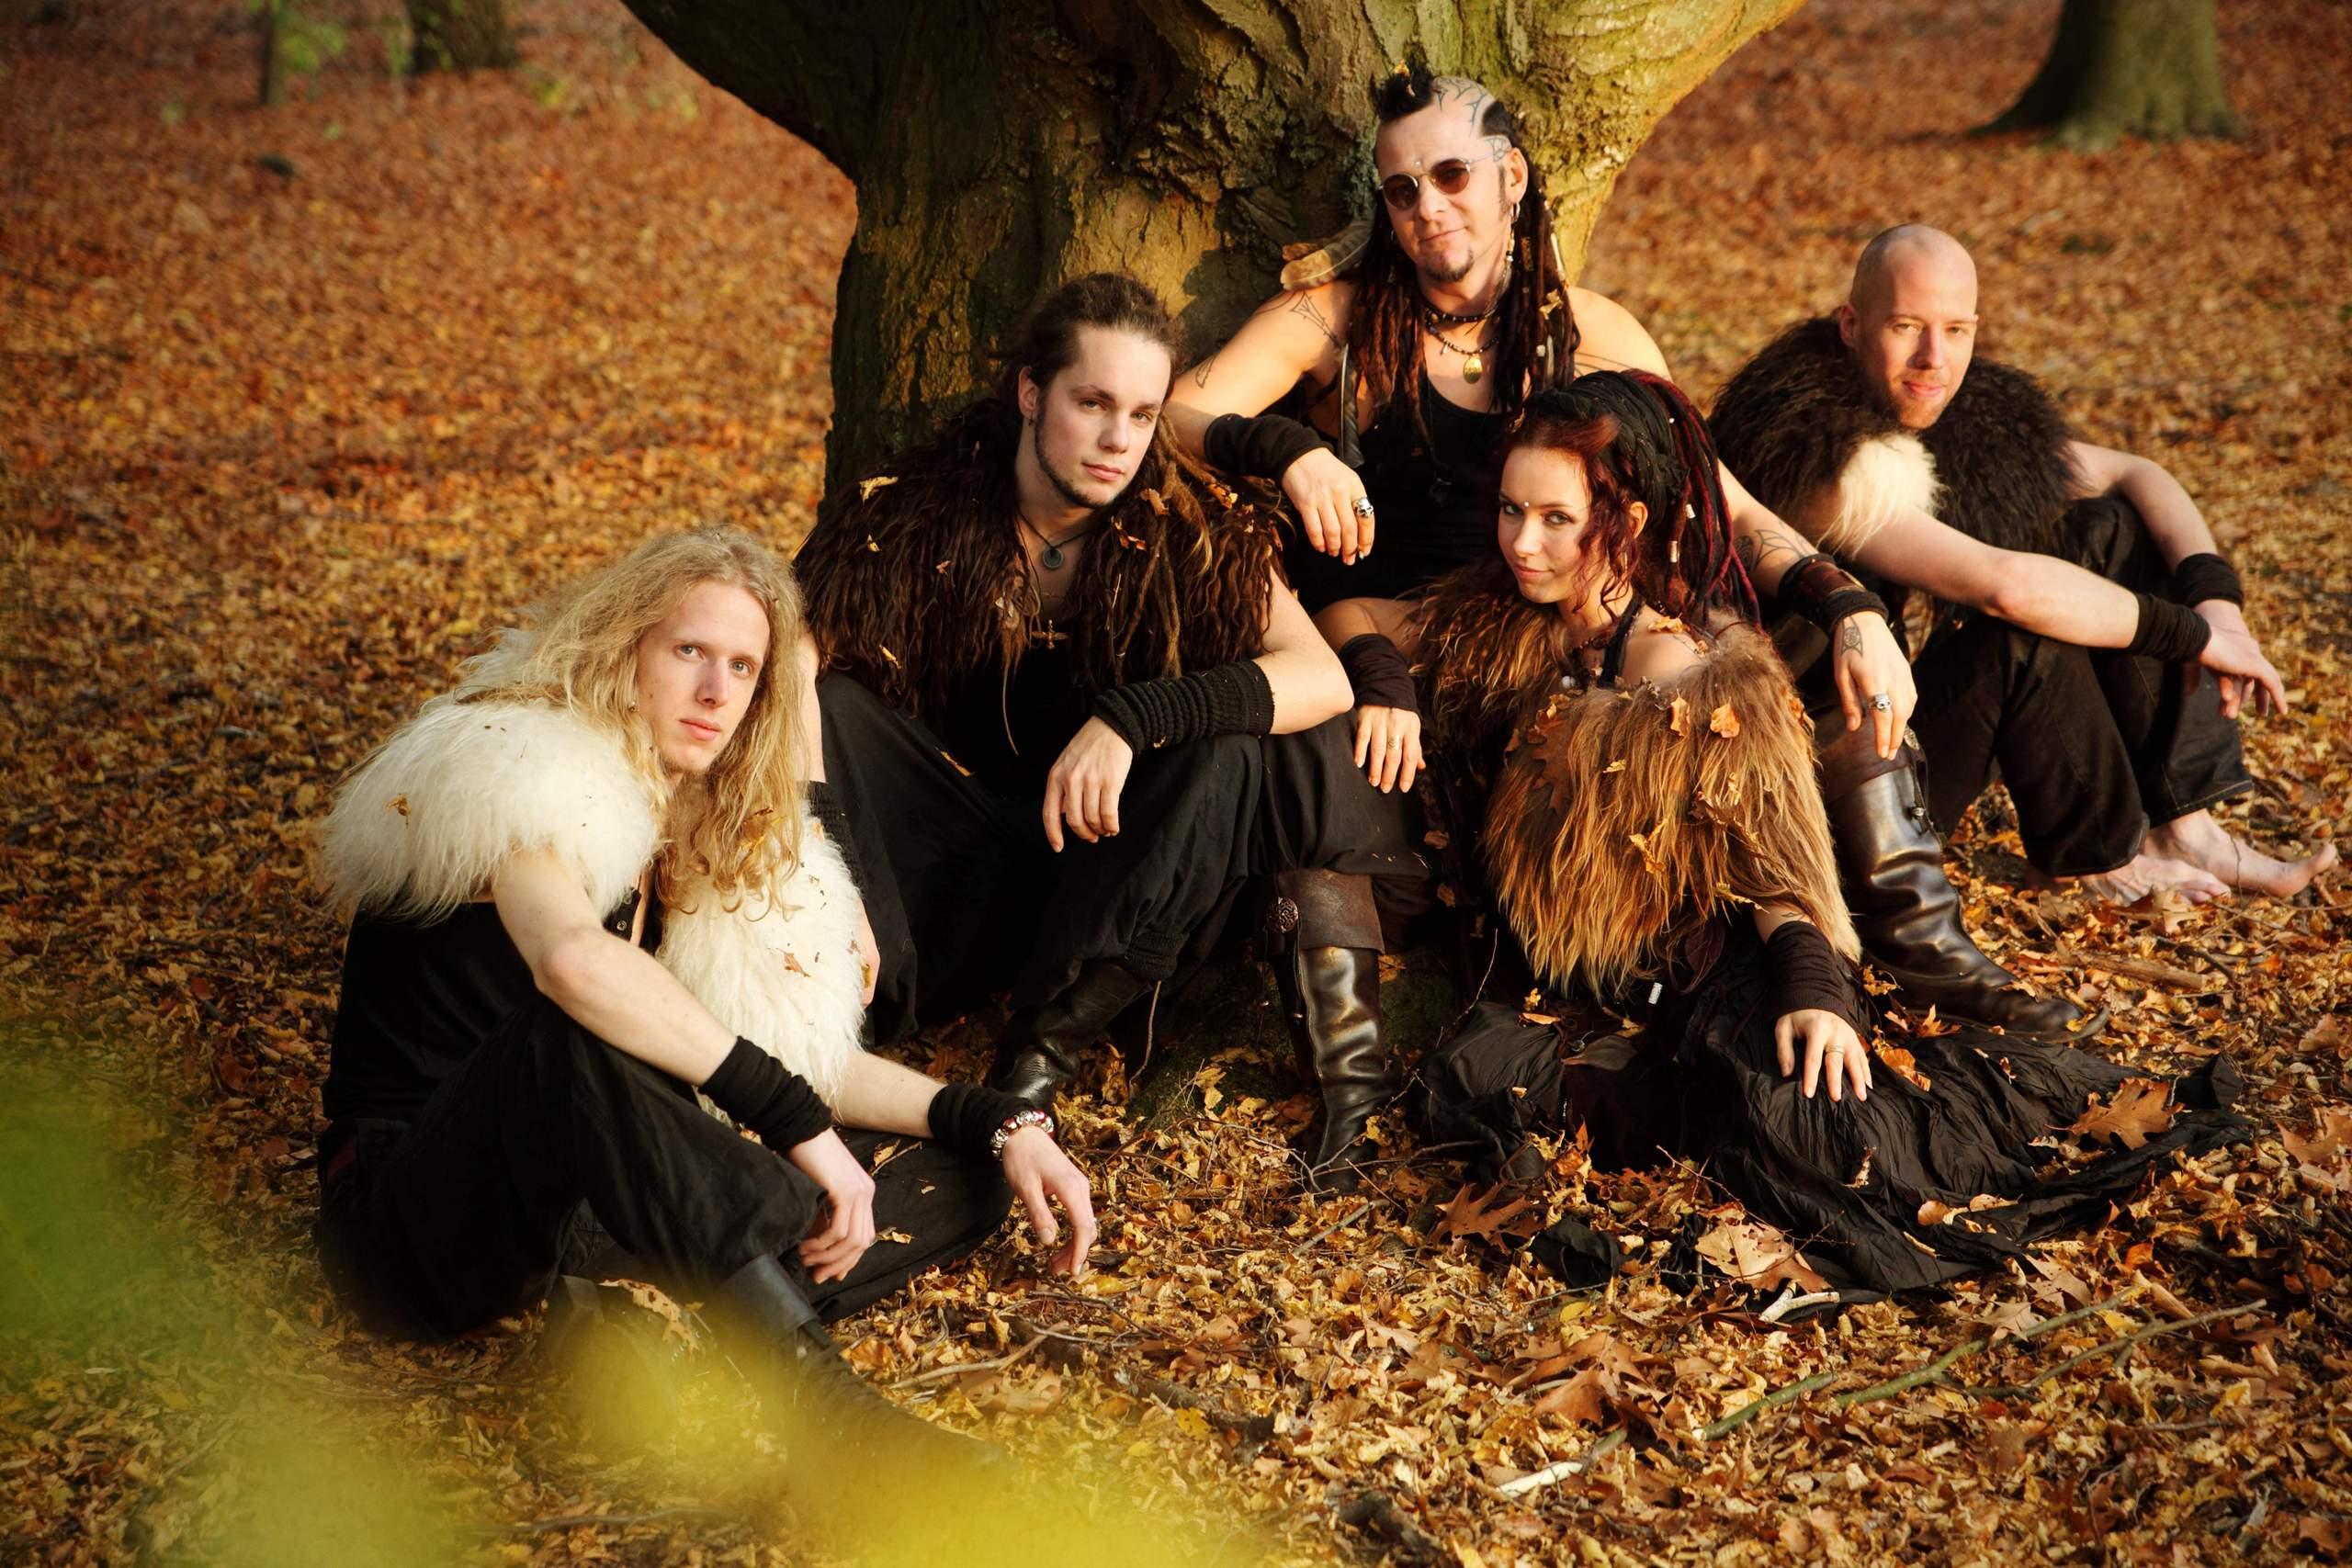 來自全球各地組成的新異教民謠 Omnia 釋出單曲演出現場 Kokopelli HokaHey!